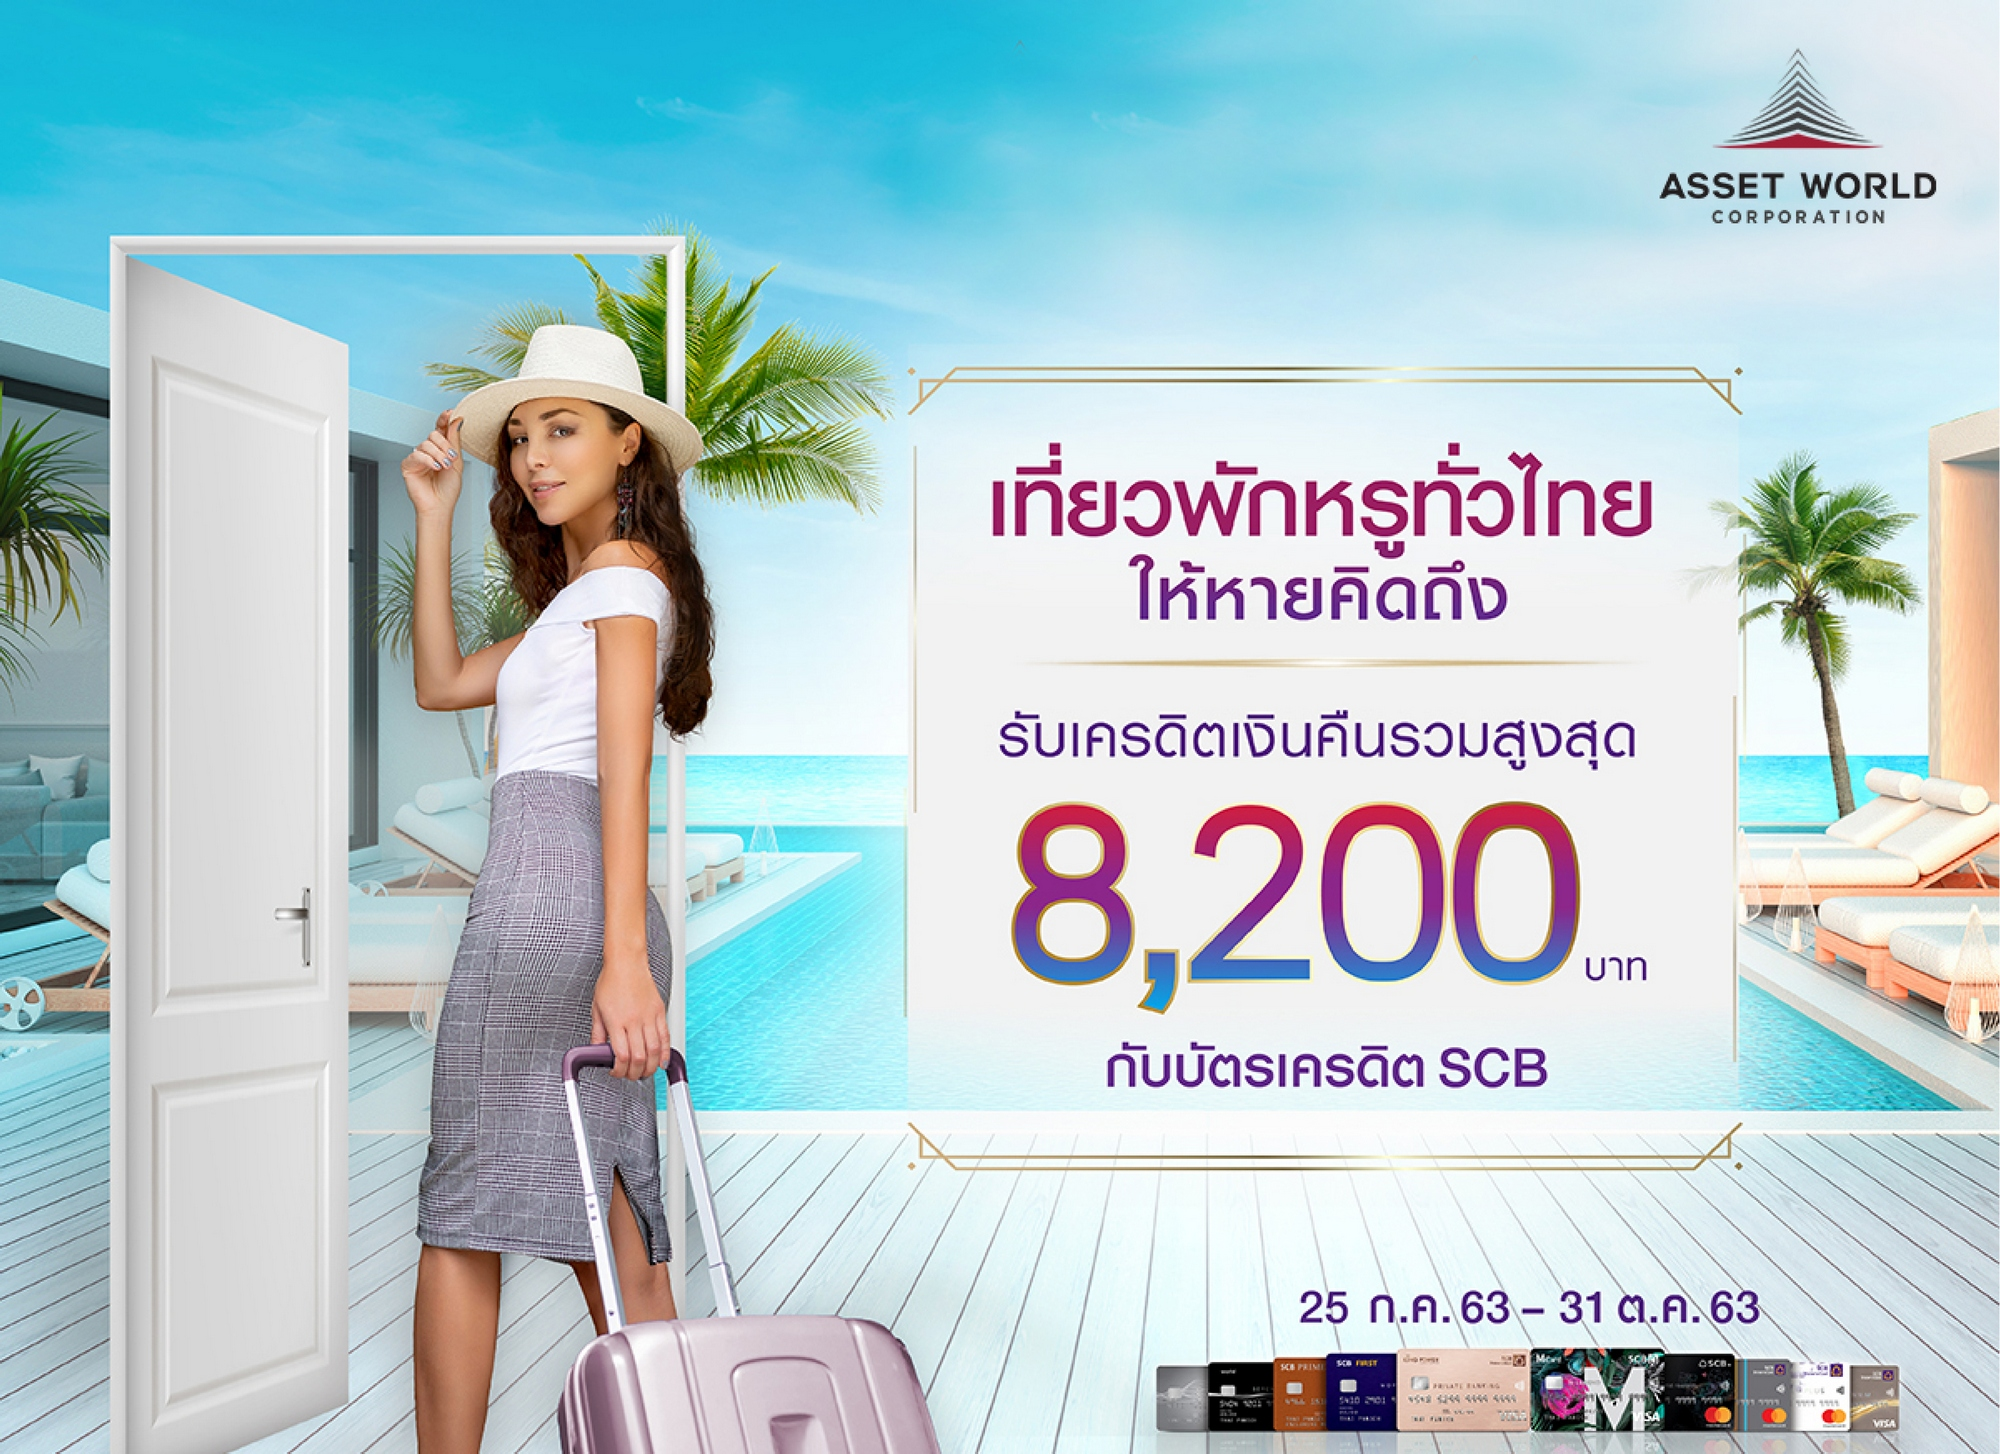 เที่ยวเมืองไทยให้หายคิดถึง